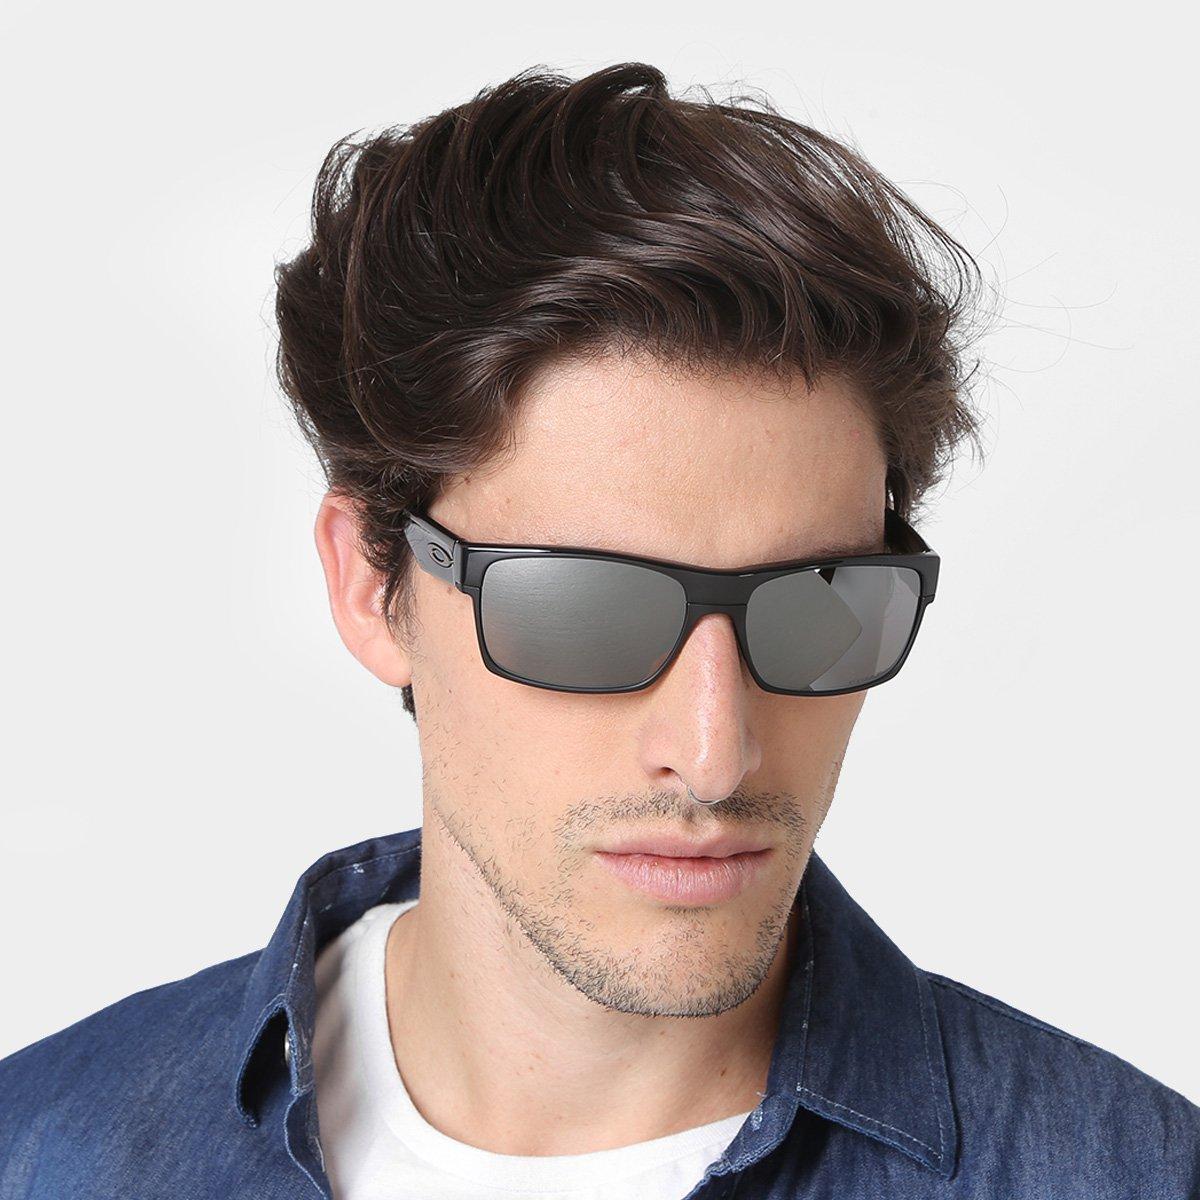 e88da3df70327 Óculos Oakley TwoFace Masculino - Compre Agora   Zattini